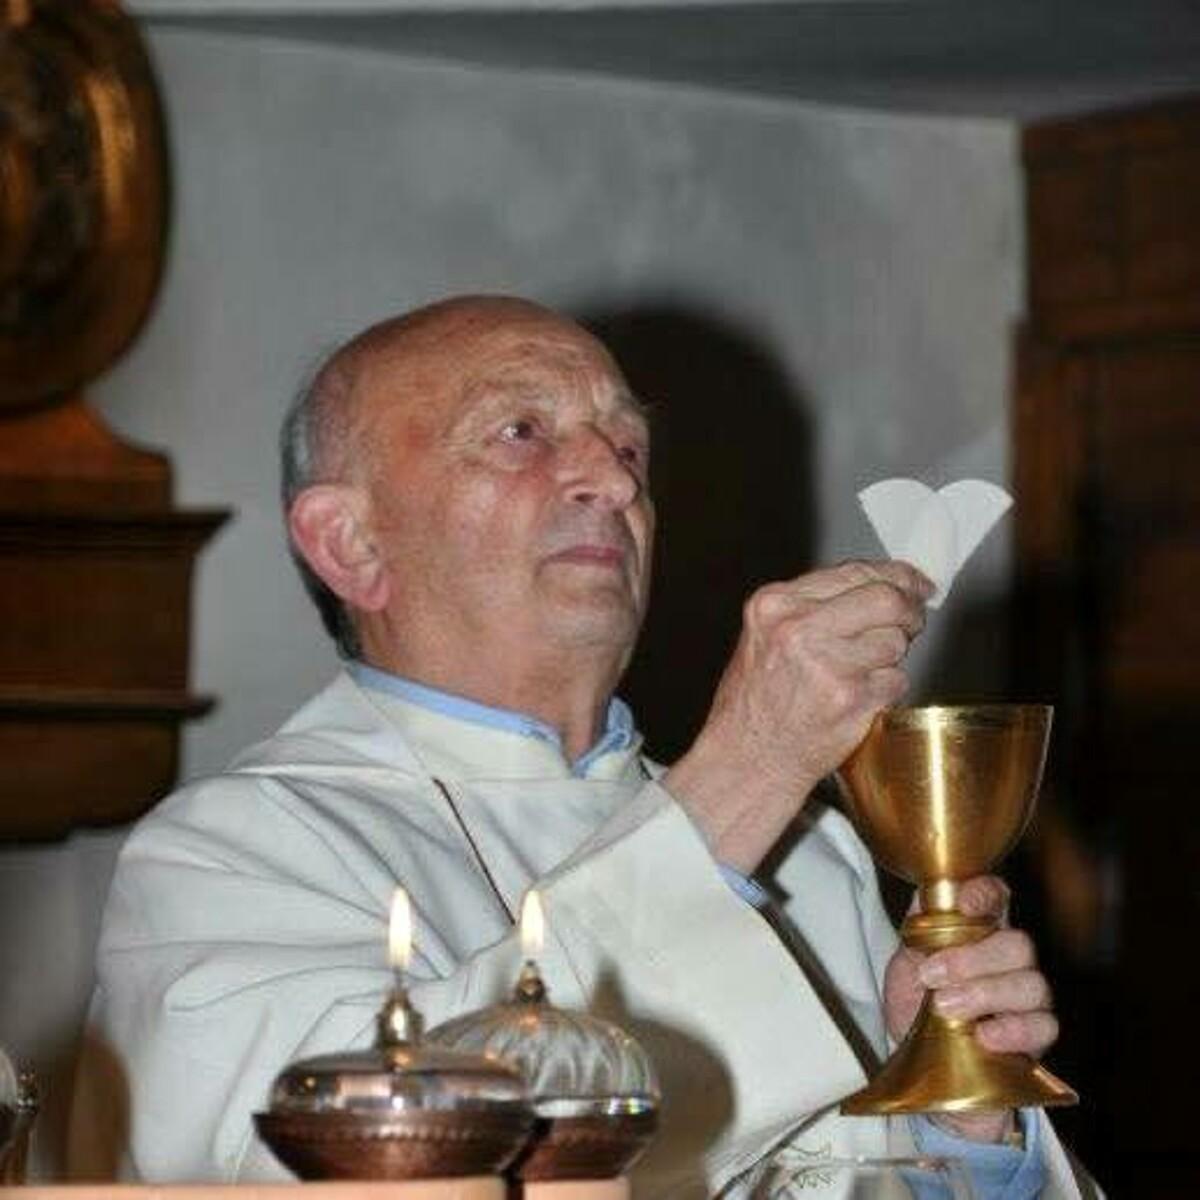 Muore prima di celebrare la messa: addio a Don Alfonso, il cordoglio del sindaco